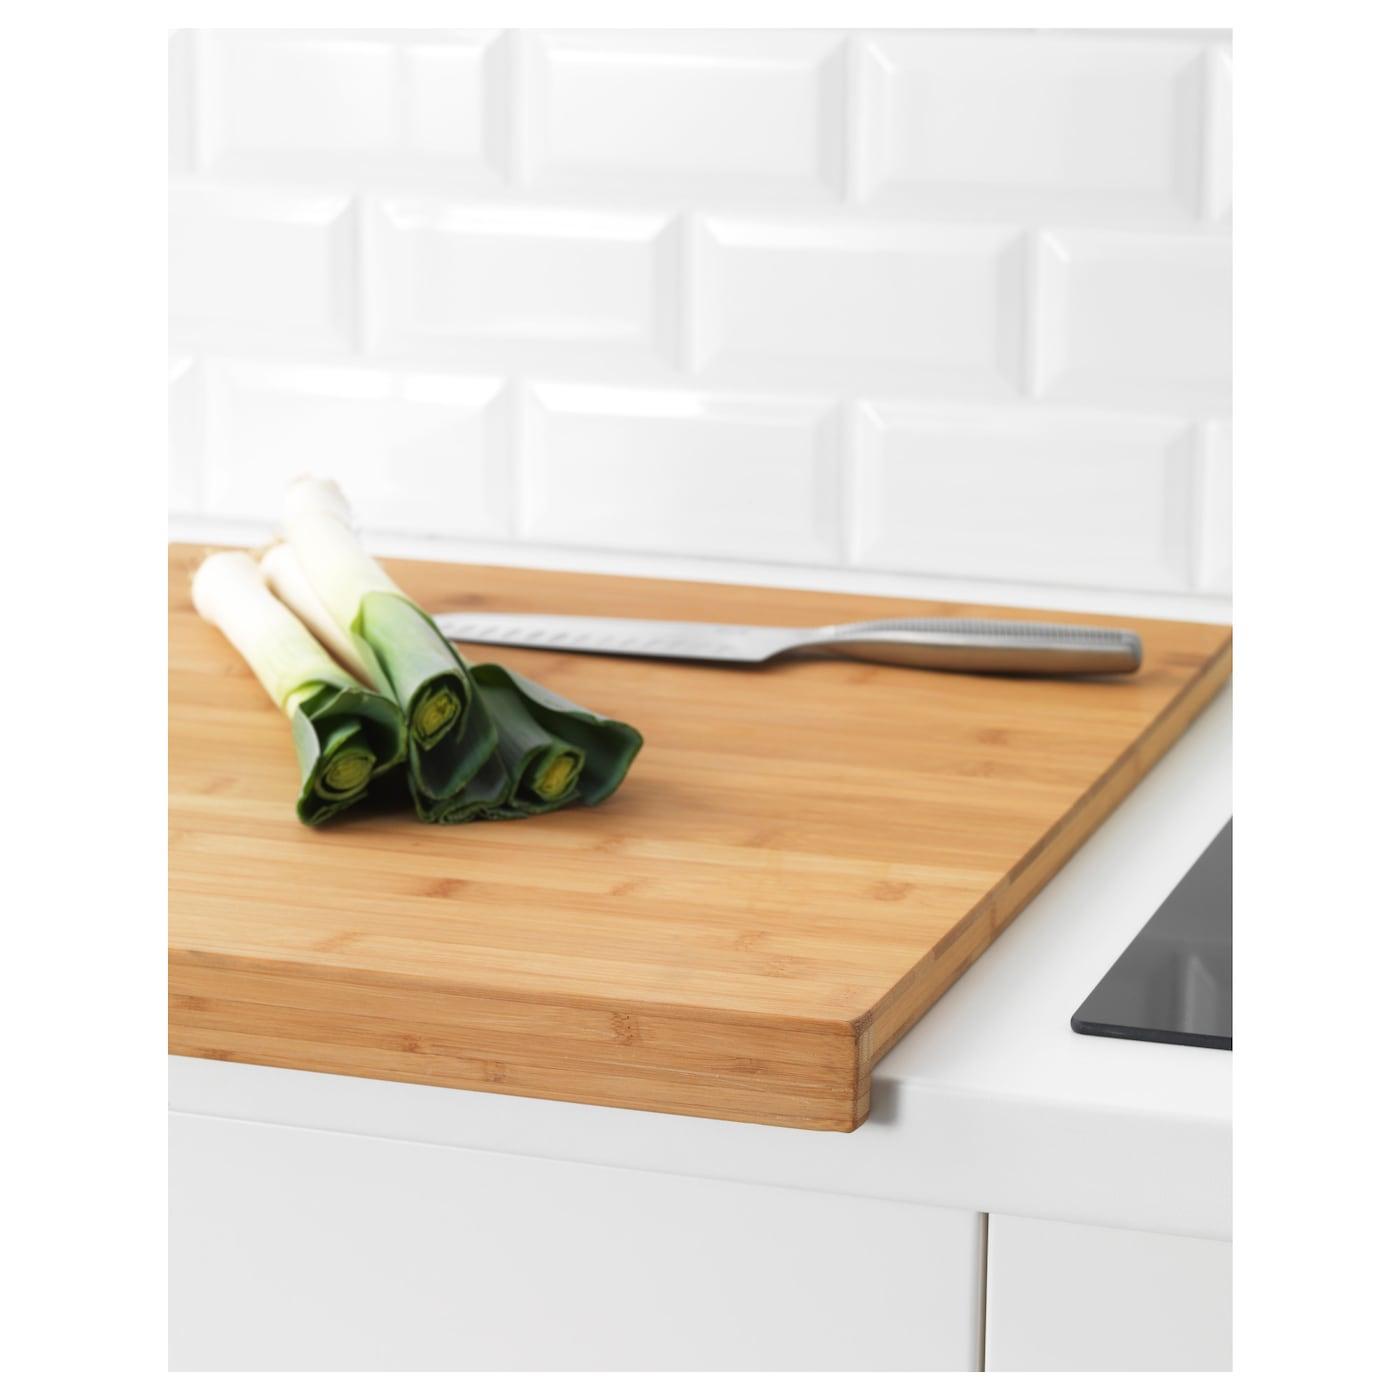 Ikea Photo Ledge L 196 Mplig Chopping Board Bamboo 46x53 Cm Ikea